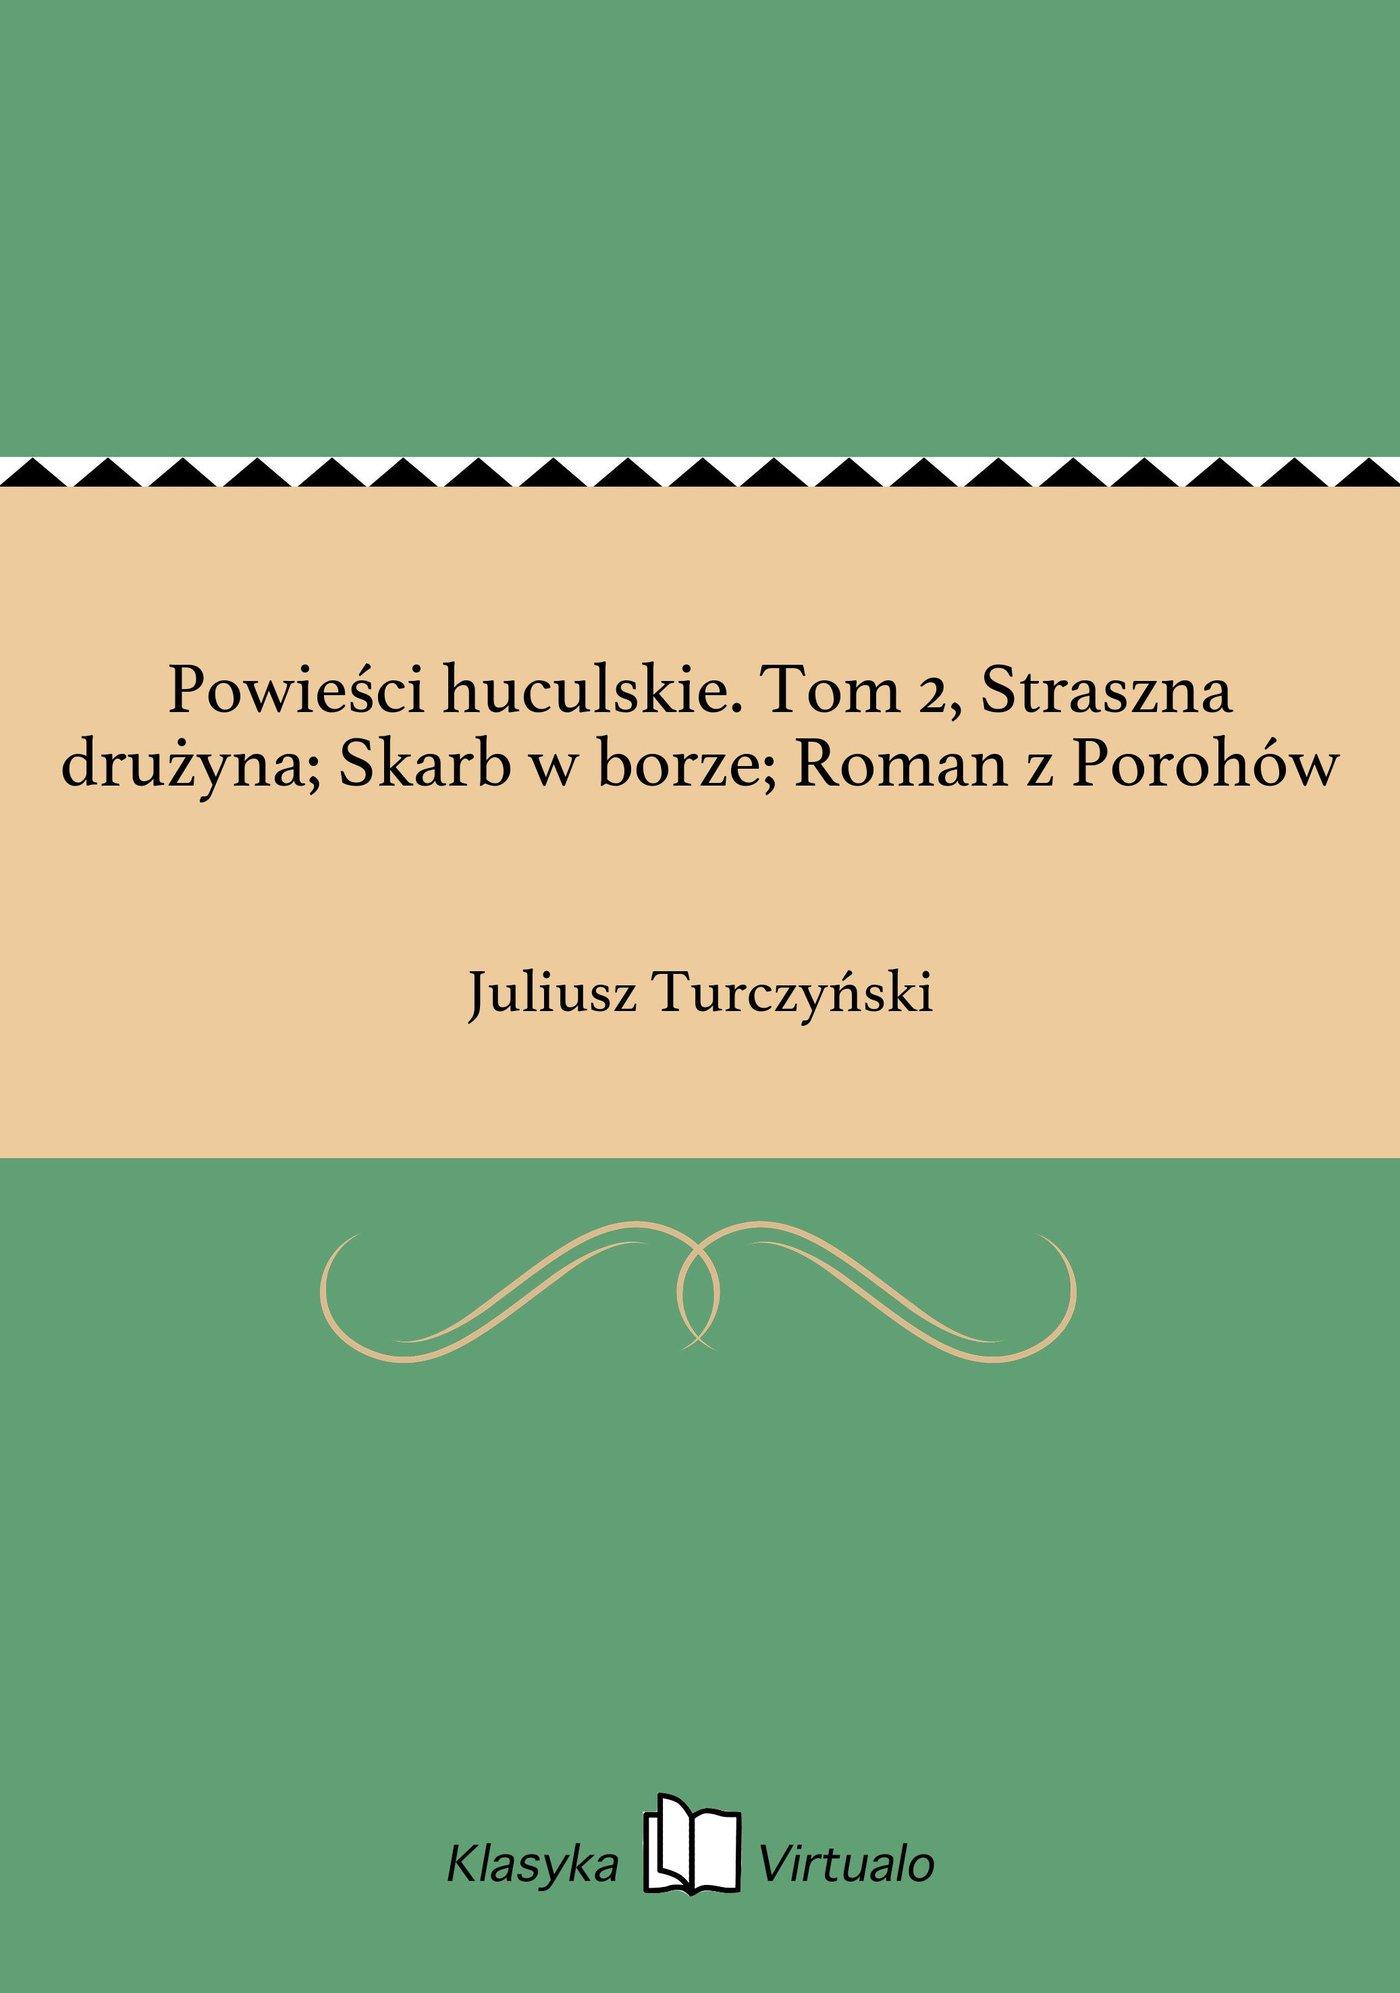 Powieści huculskie. Tom 2, Straszna drużyna; Skarb w borze; Roman z Porohów - Ebook (Książka EPUB) do pobrania w formacie EPUB